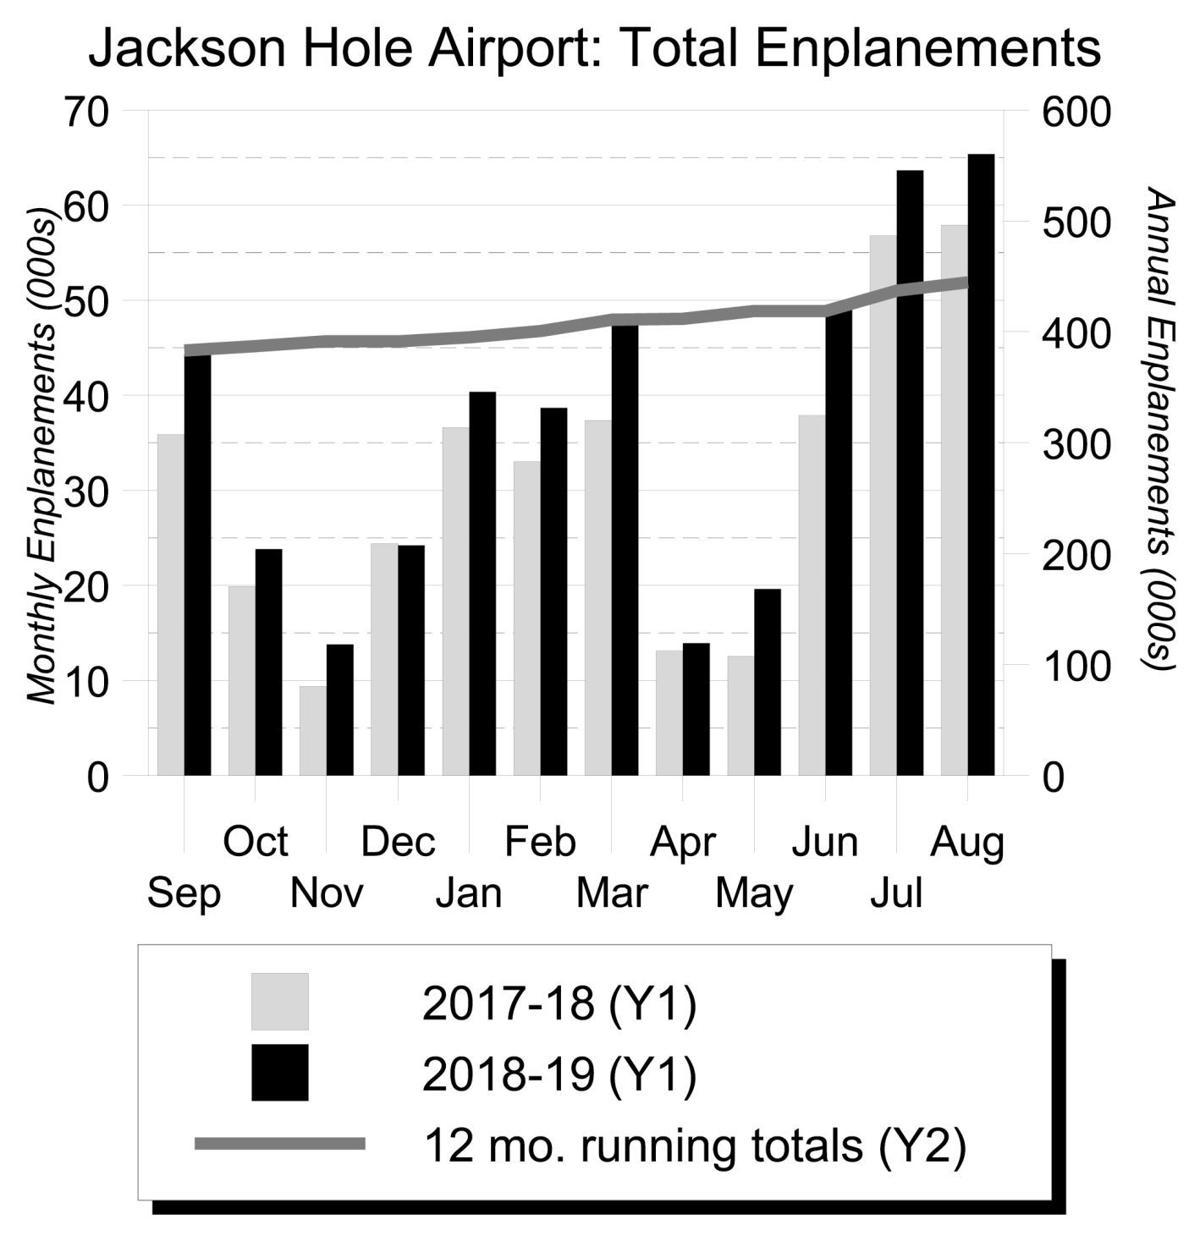 Jackson Hole Airport: Total Enplanements